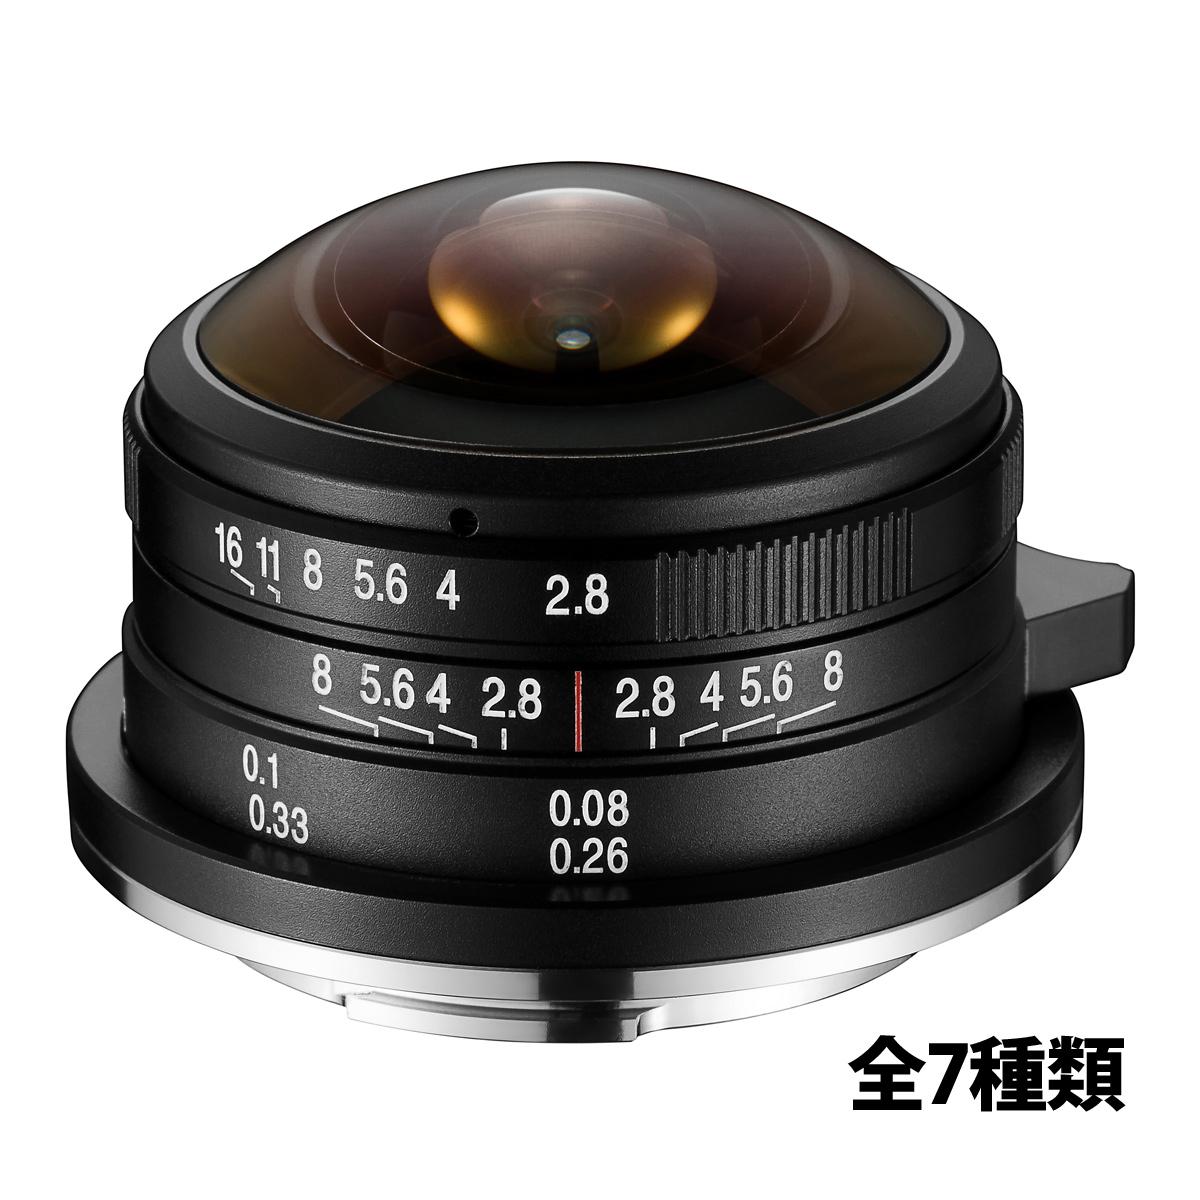 一眼レフ カメラ 交換レンズ LAOWA 4mm F2.8 Fisheye MFT マイクロフォーサーズ用の円周魚眼レンズ LAO0048